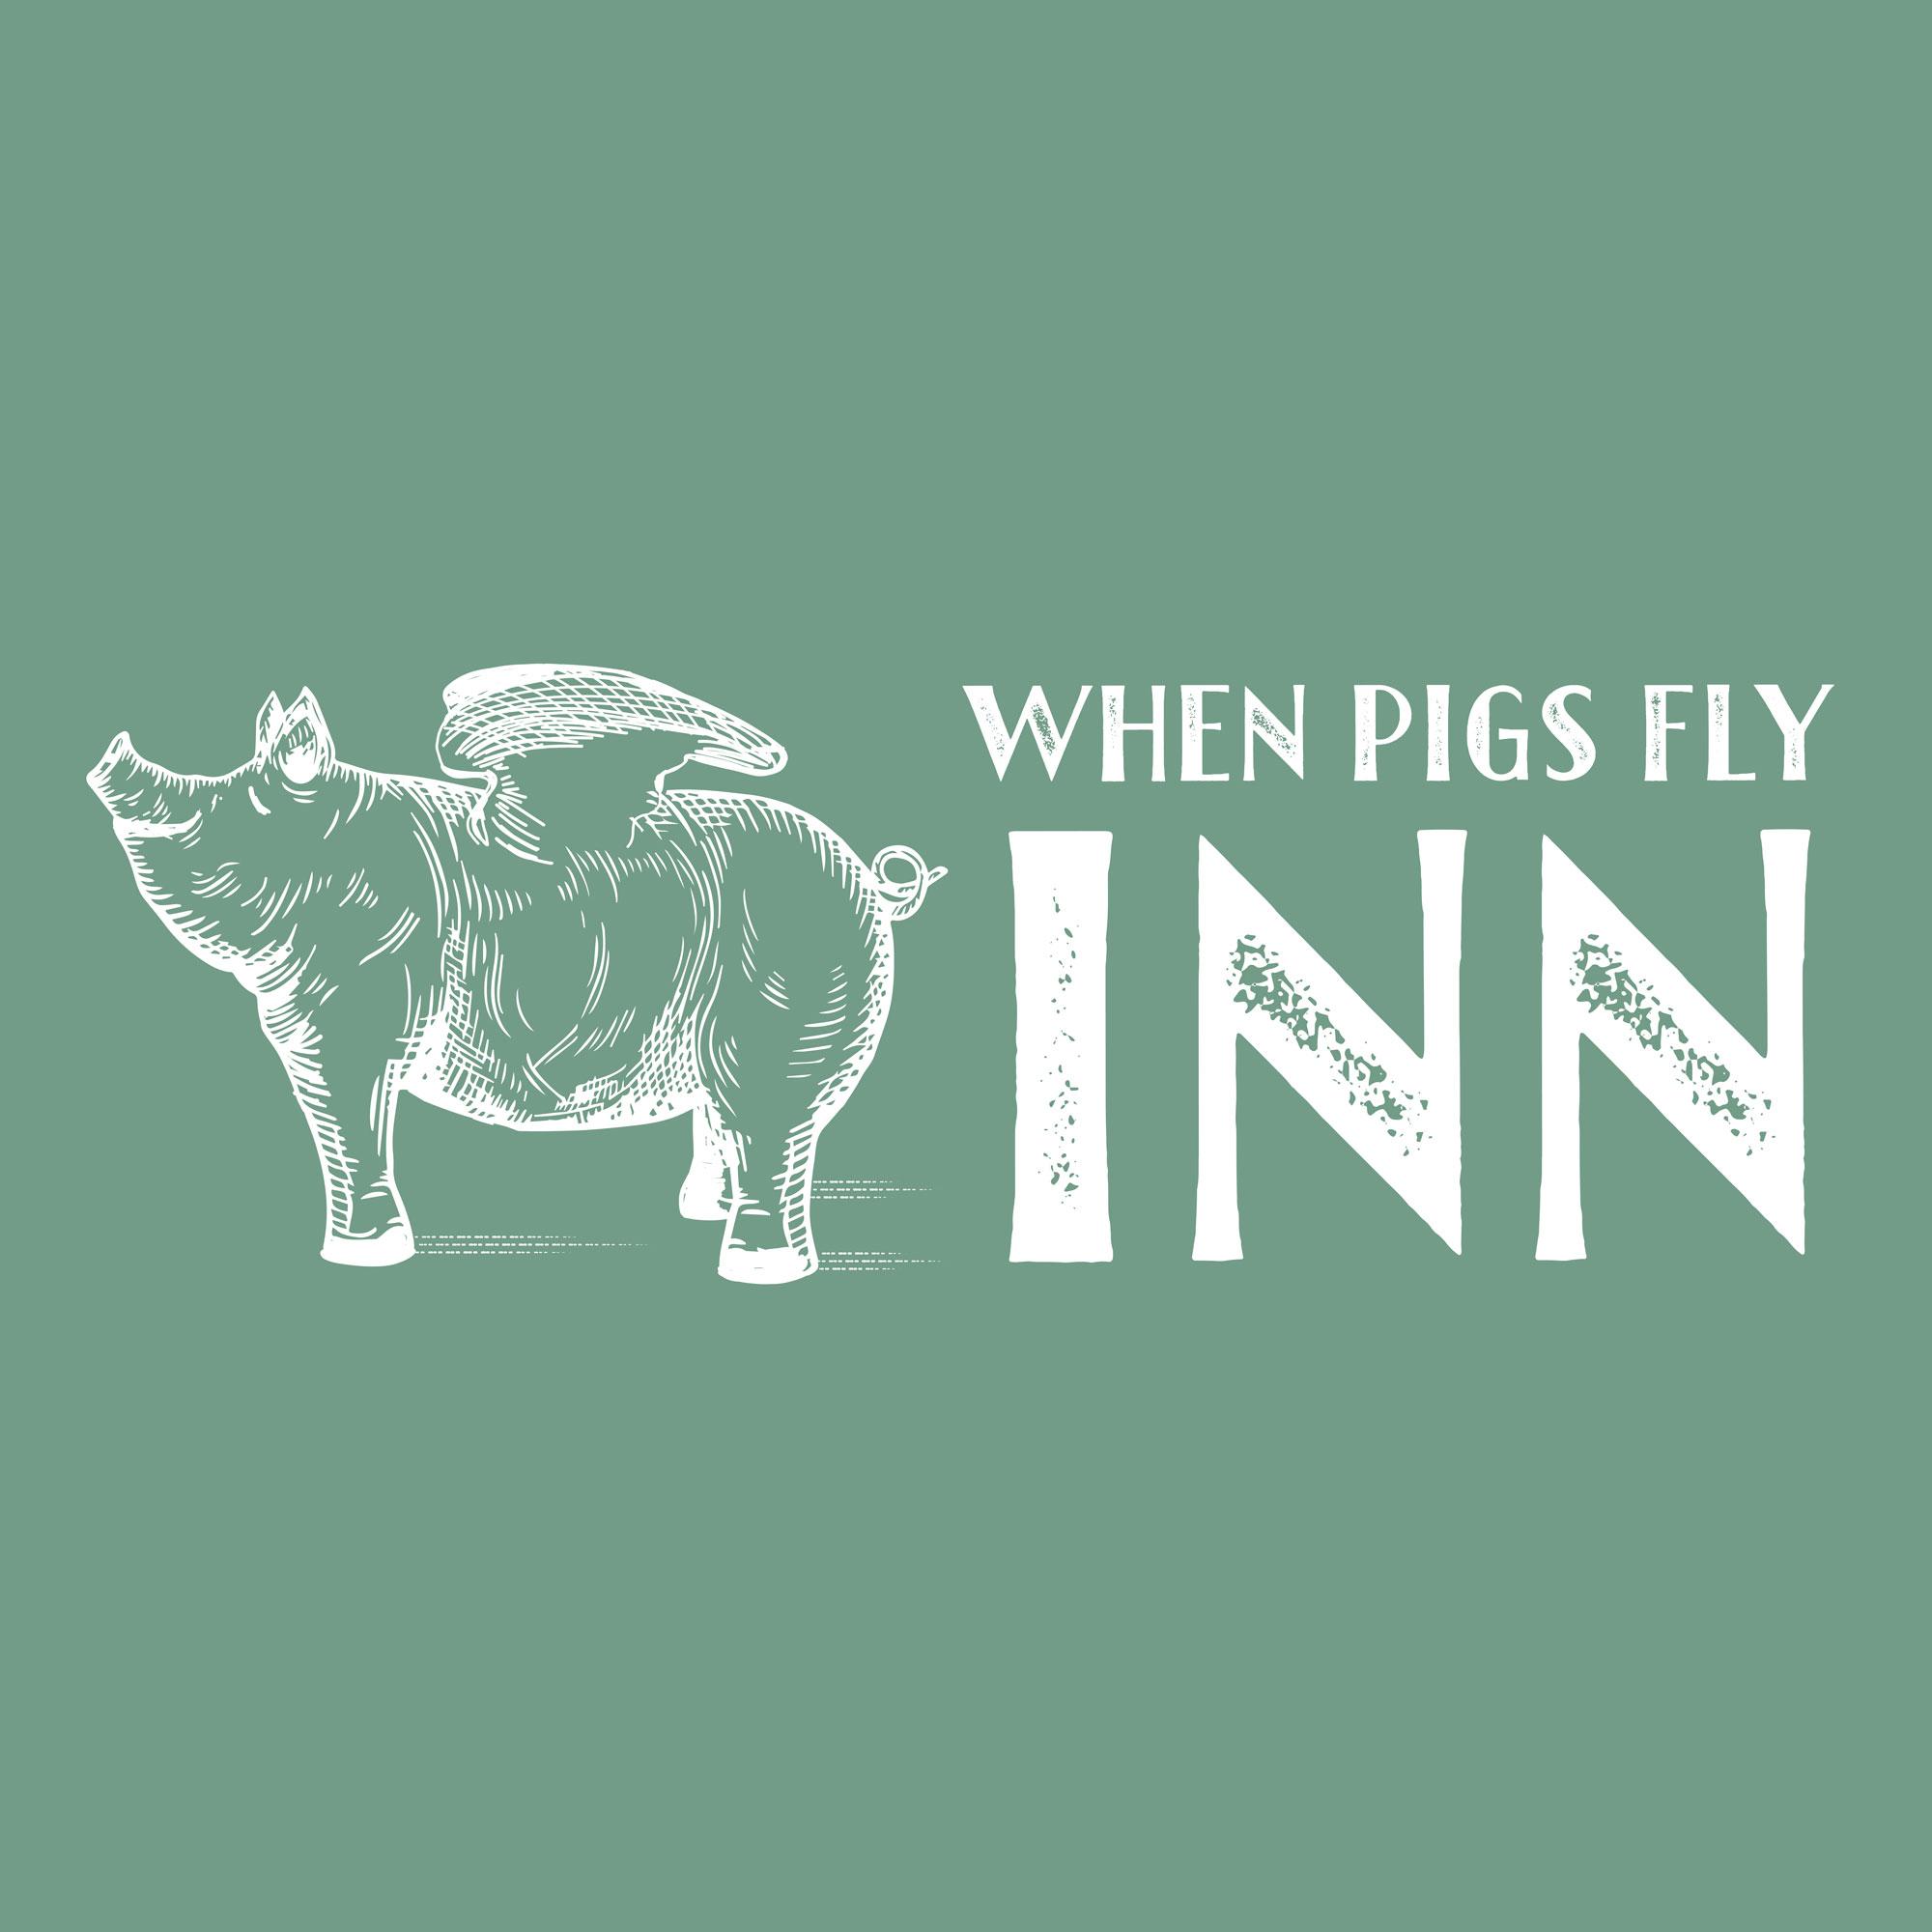 Flying-Pig-Inn-Color.jpg